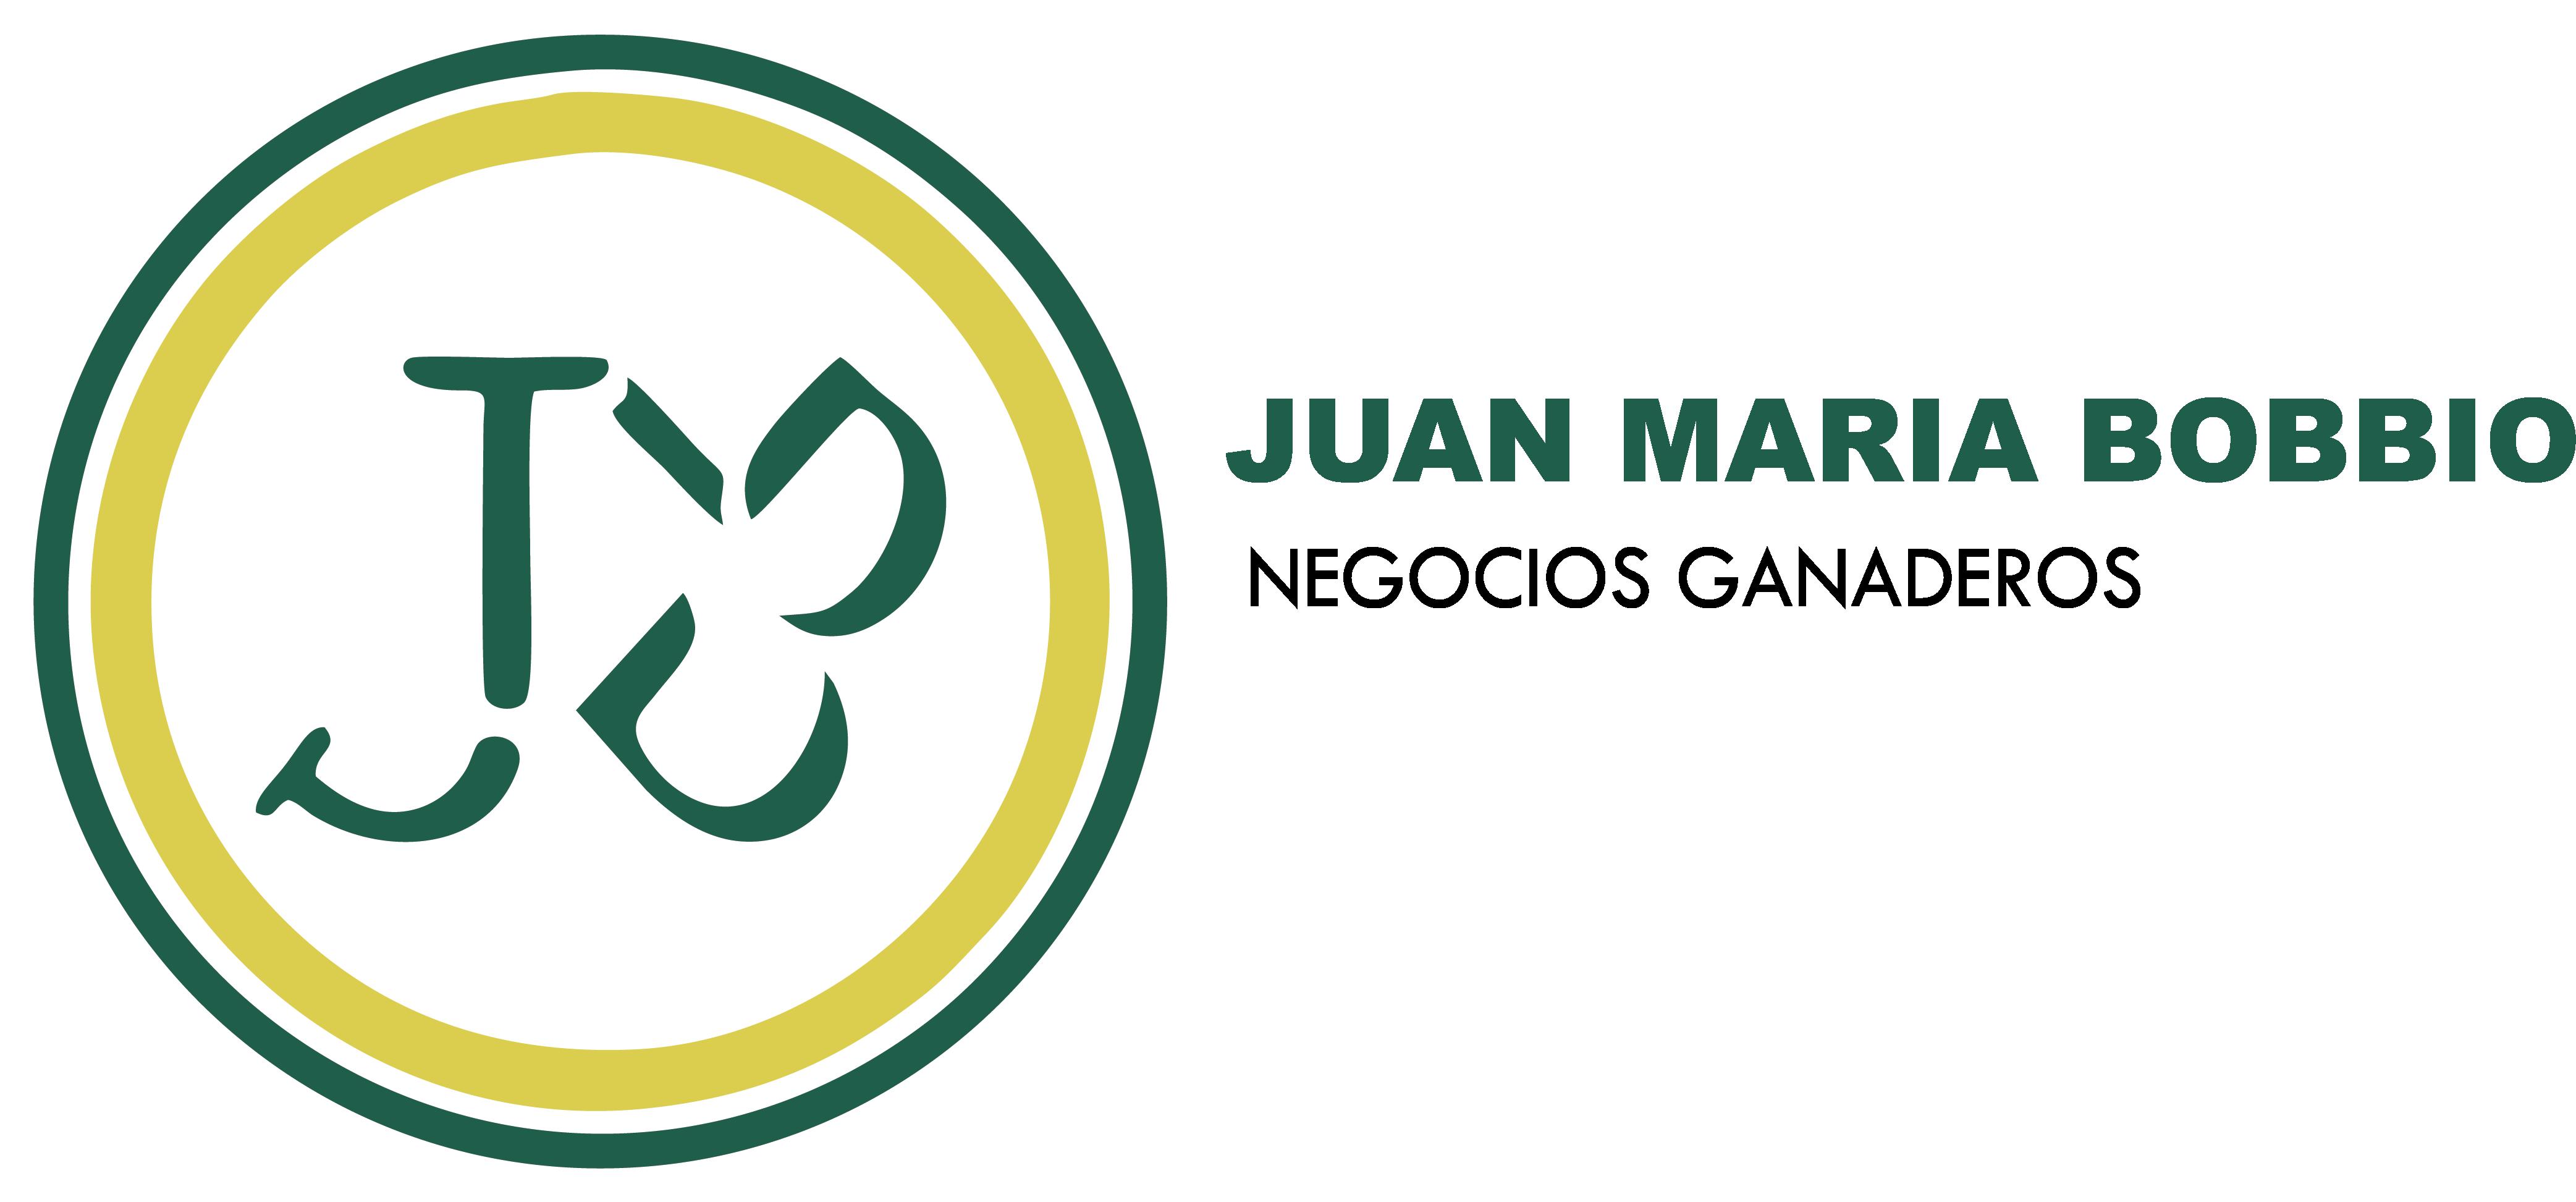 Juan Maria Bobbio | Negocios Ganaderos | Hacienda Laprida